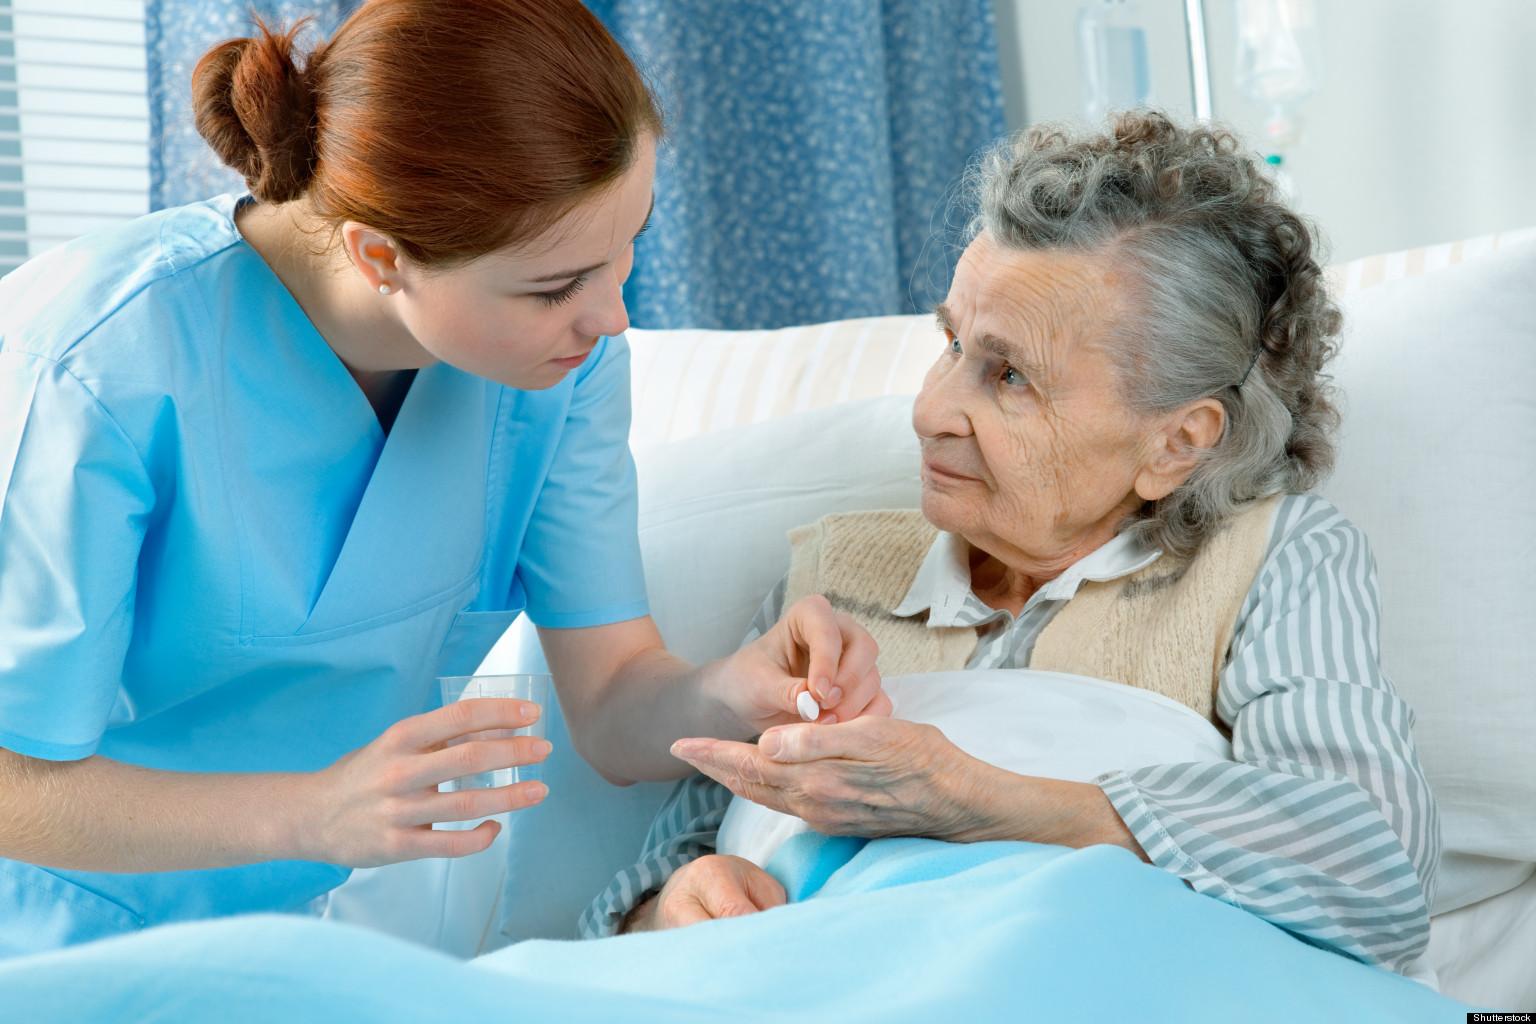 Nursing home images